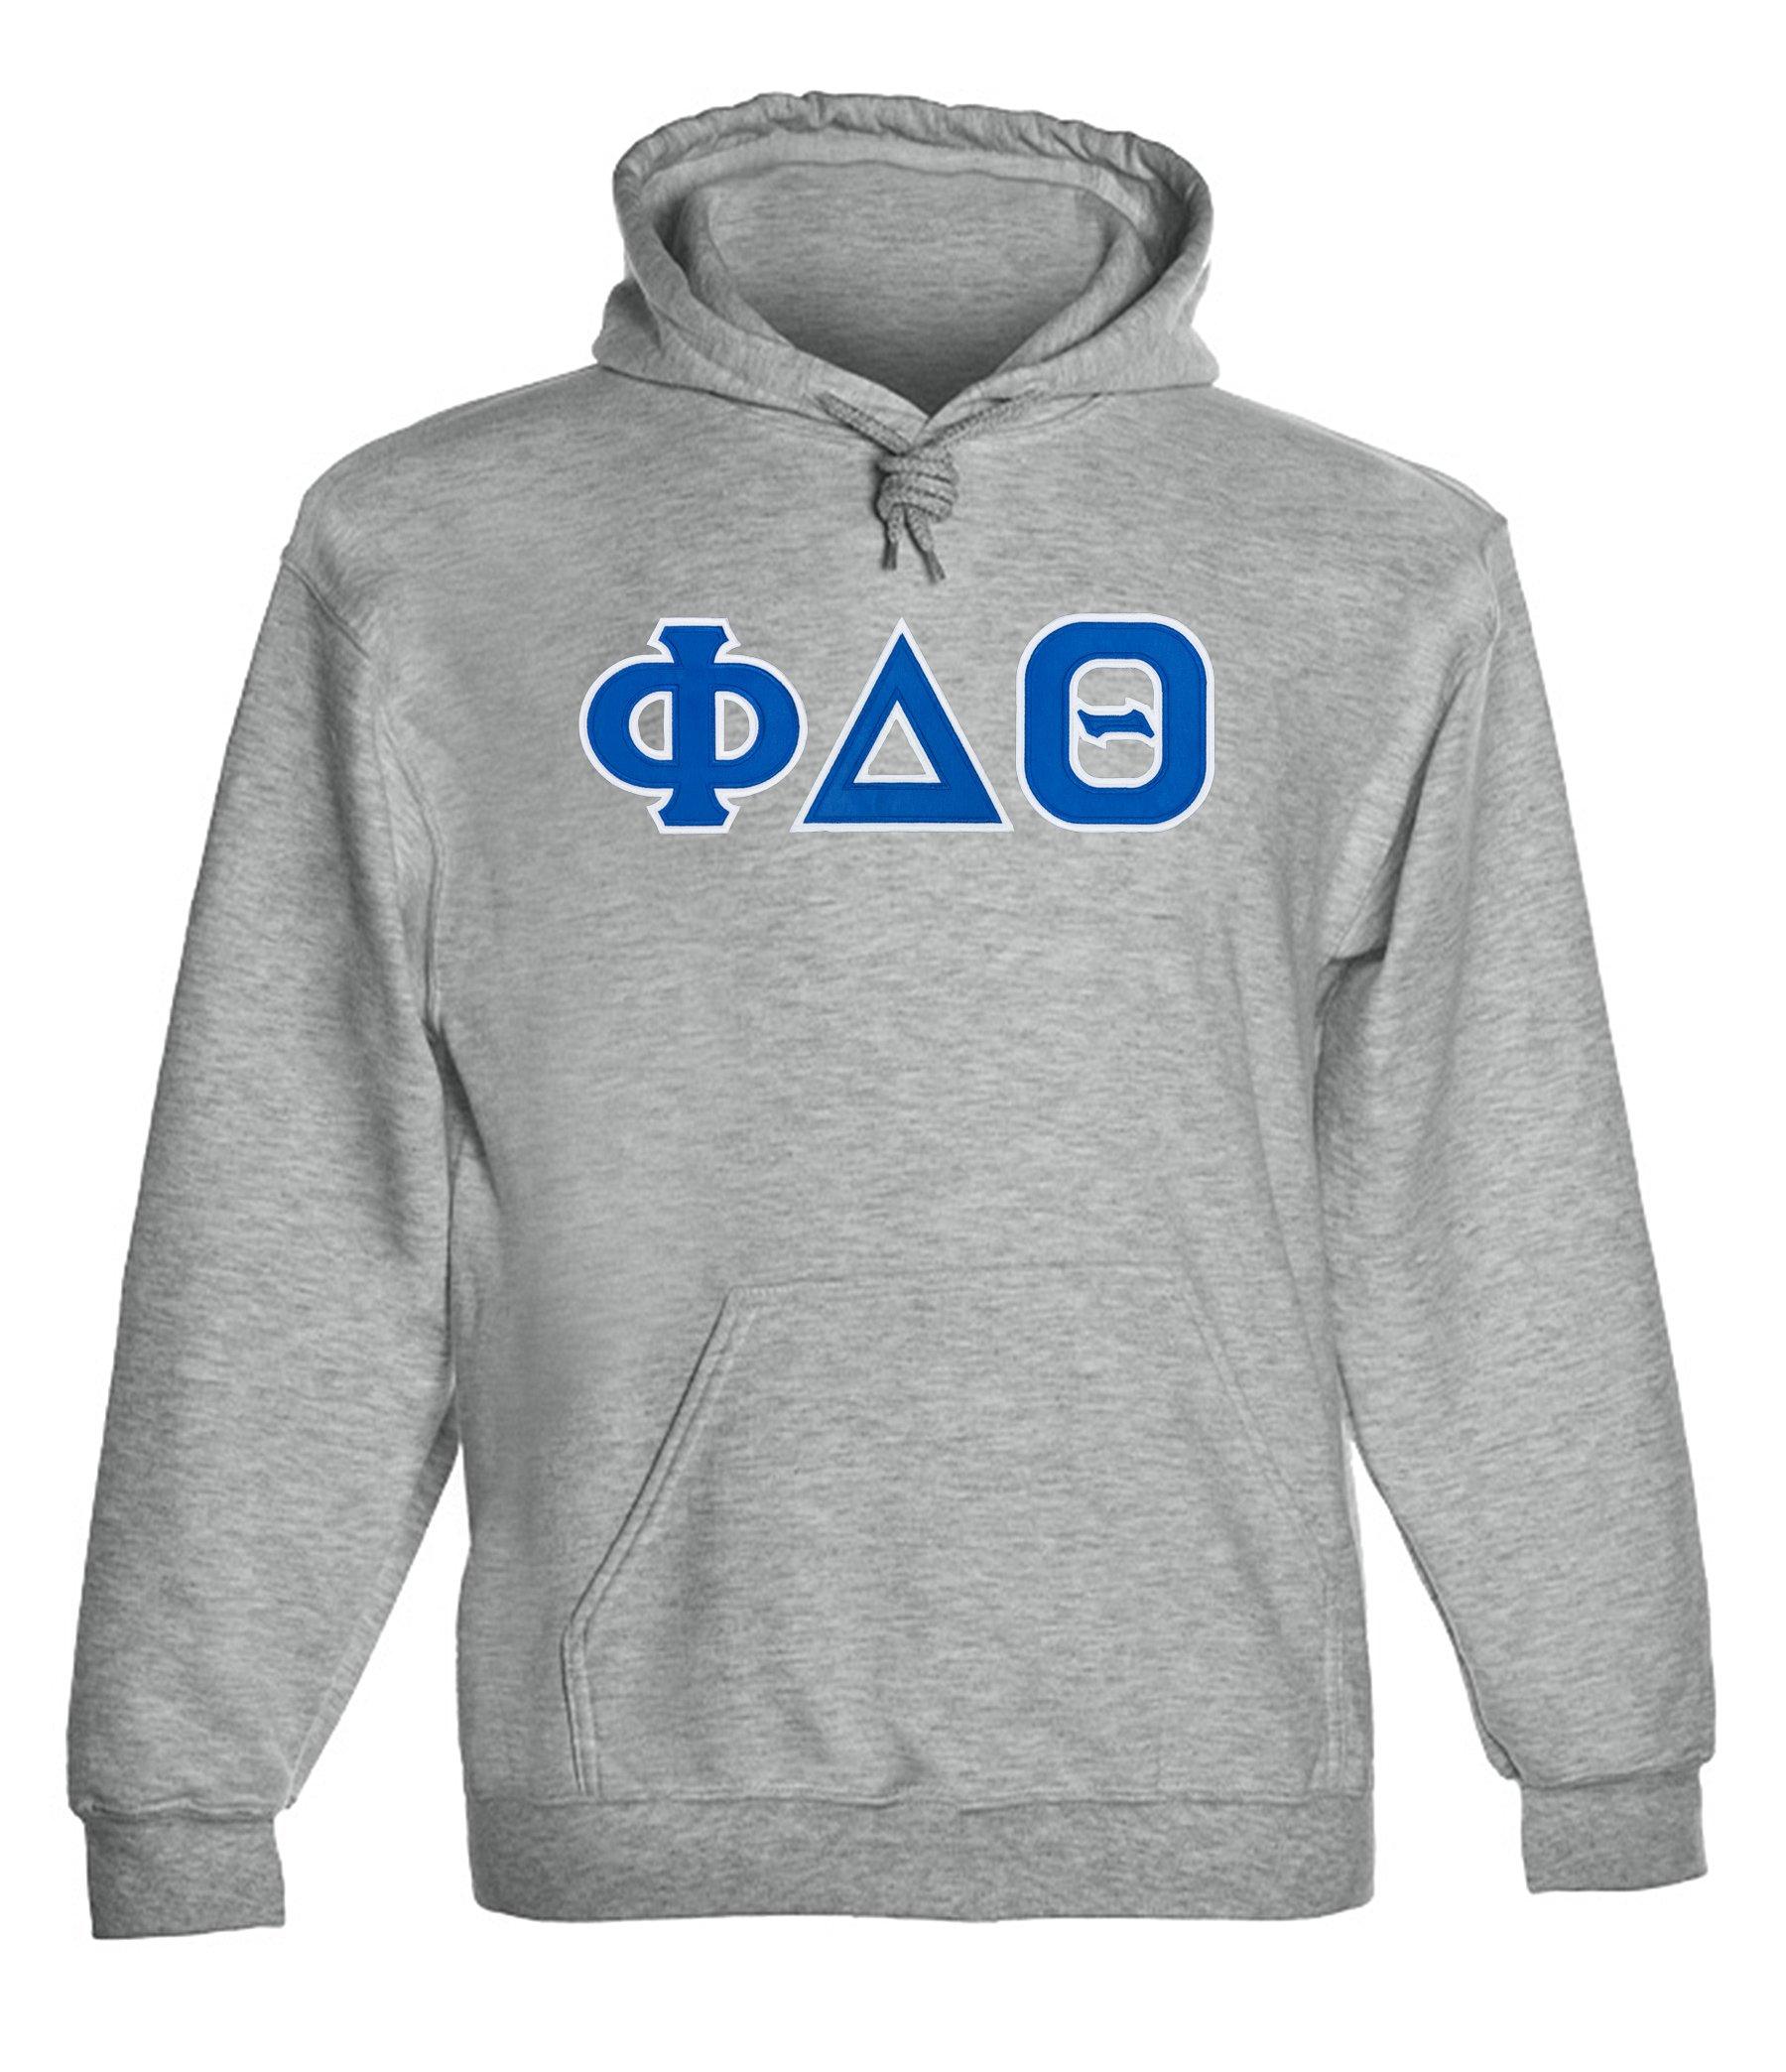 Phi Delta Theta Quarter Zip Pullover Sweatshirt